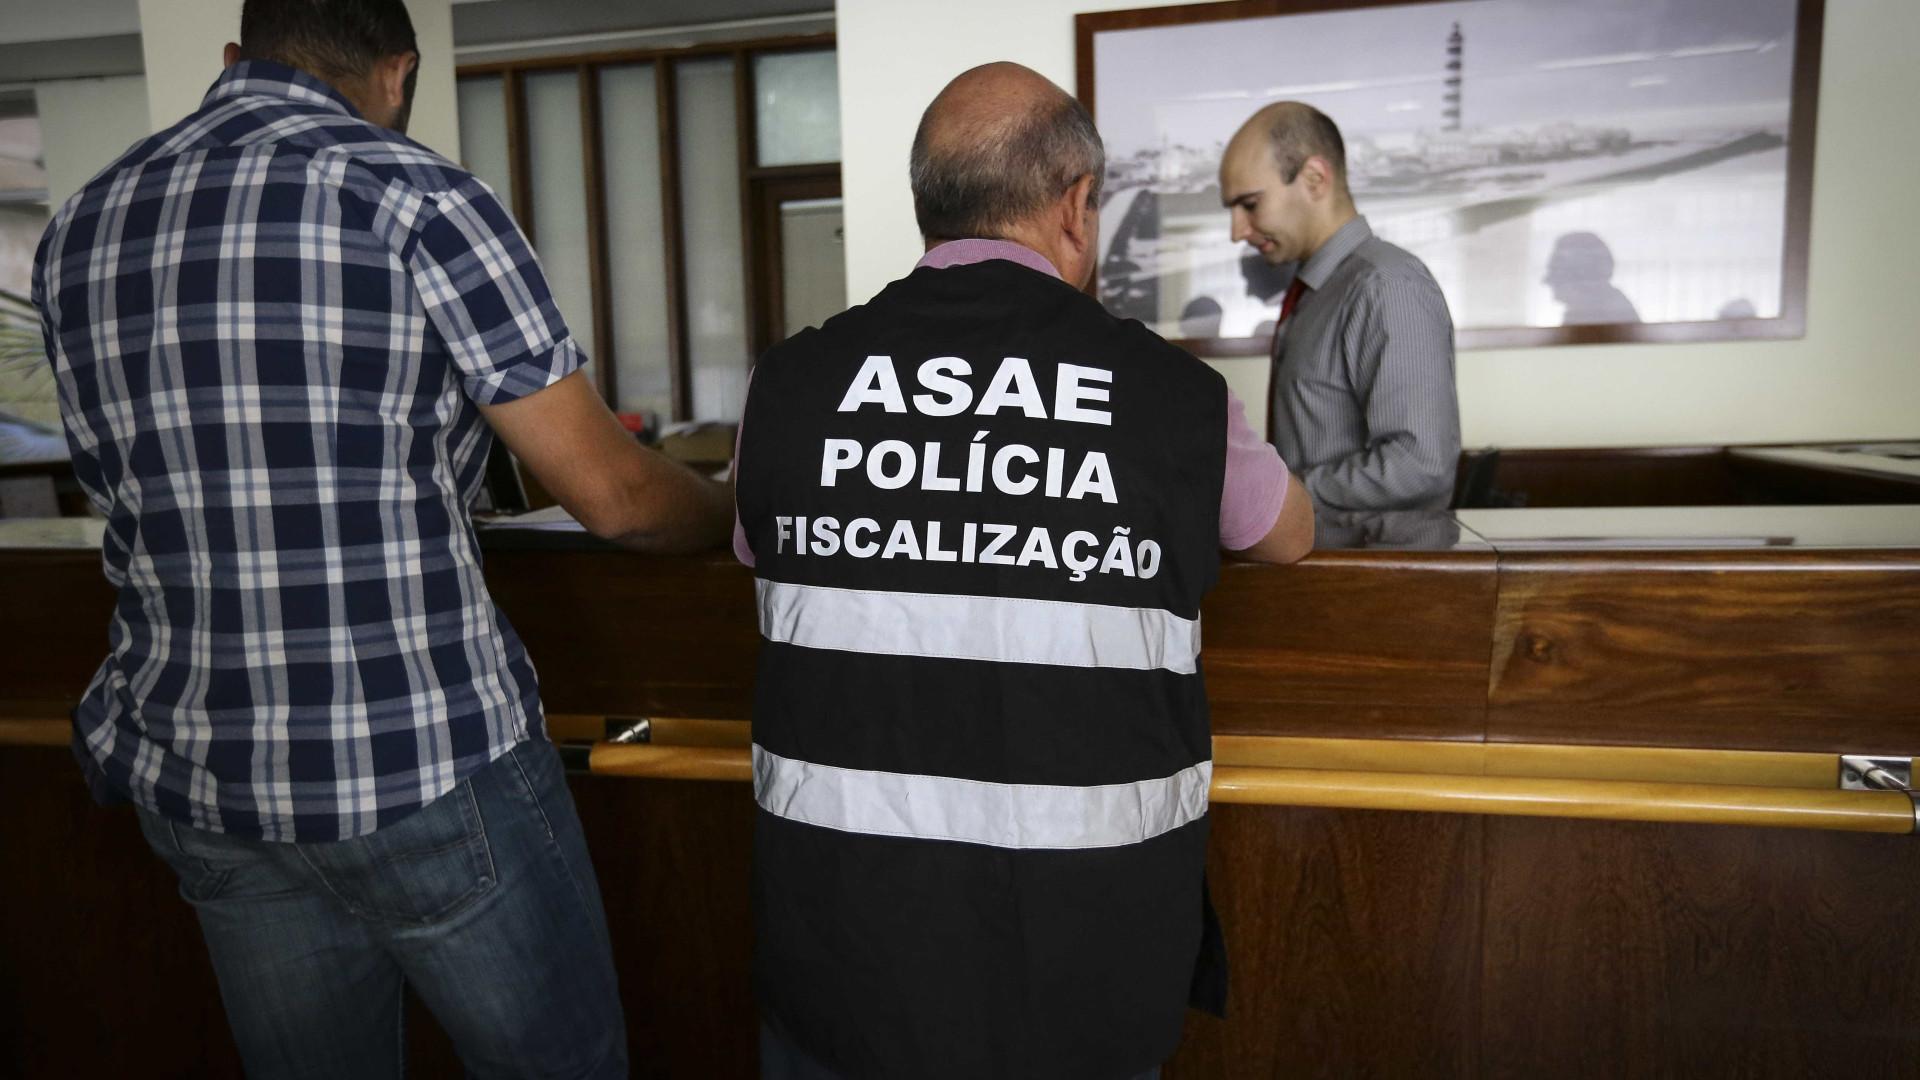 ASAE apreende 31 toneladas de géneros alimentícios no Porto